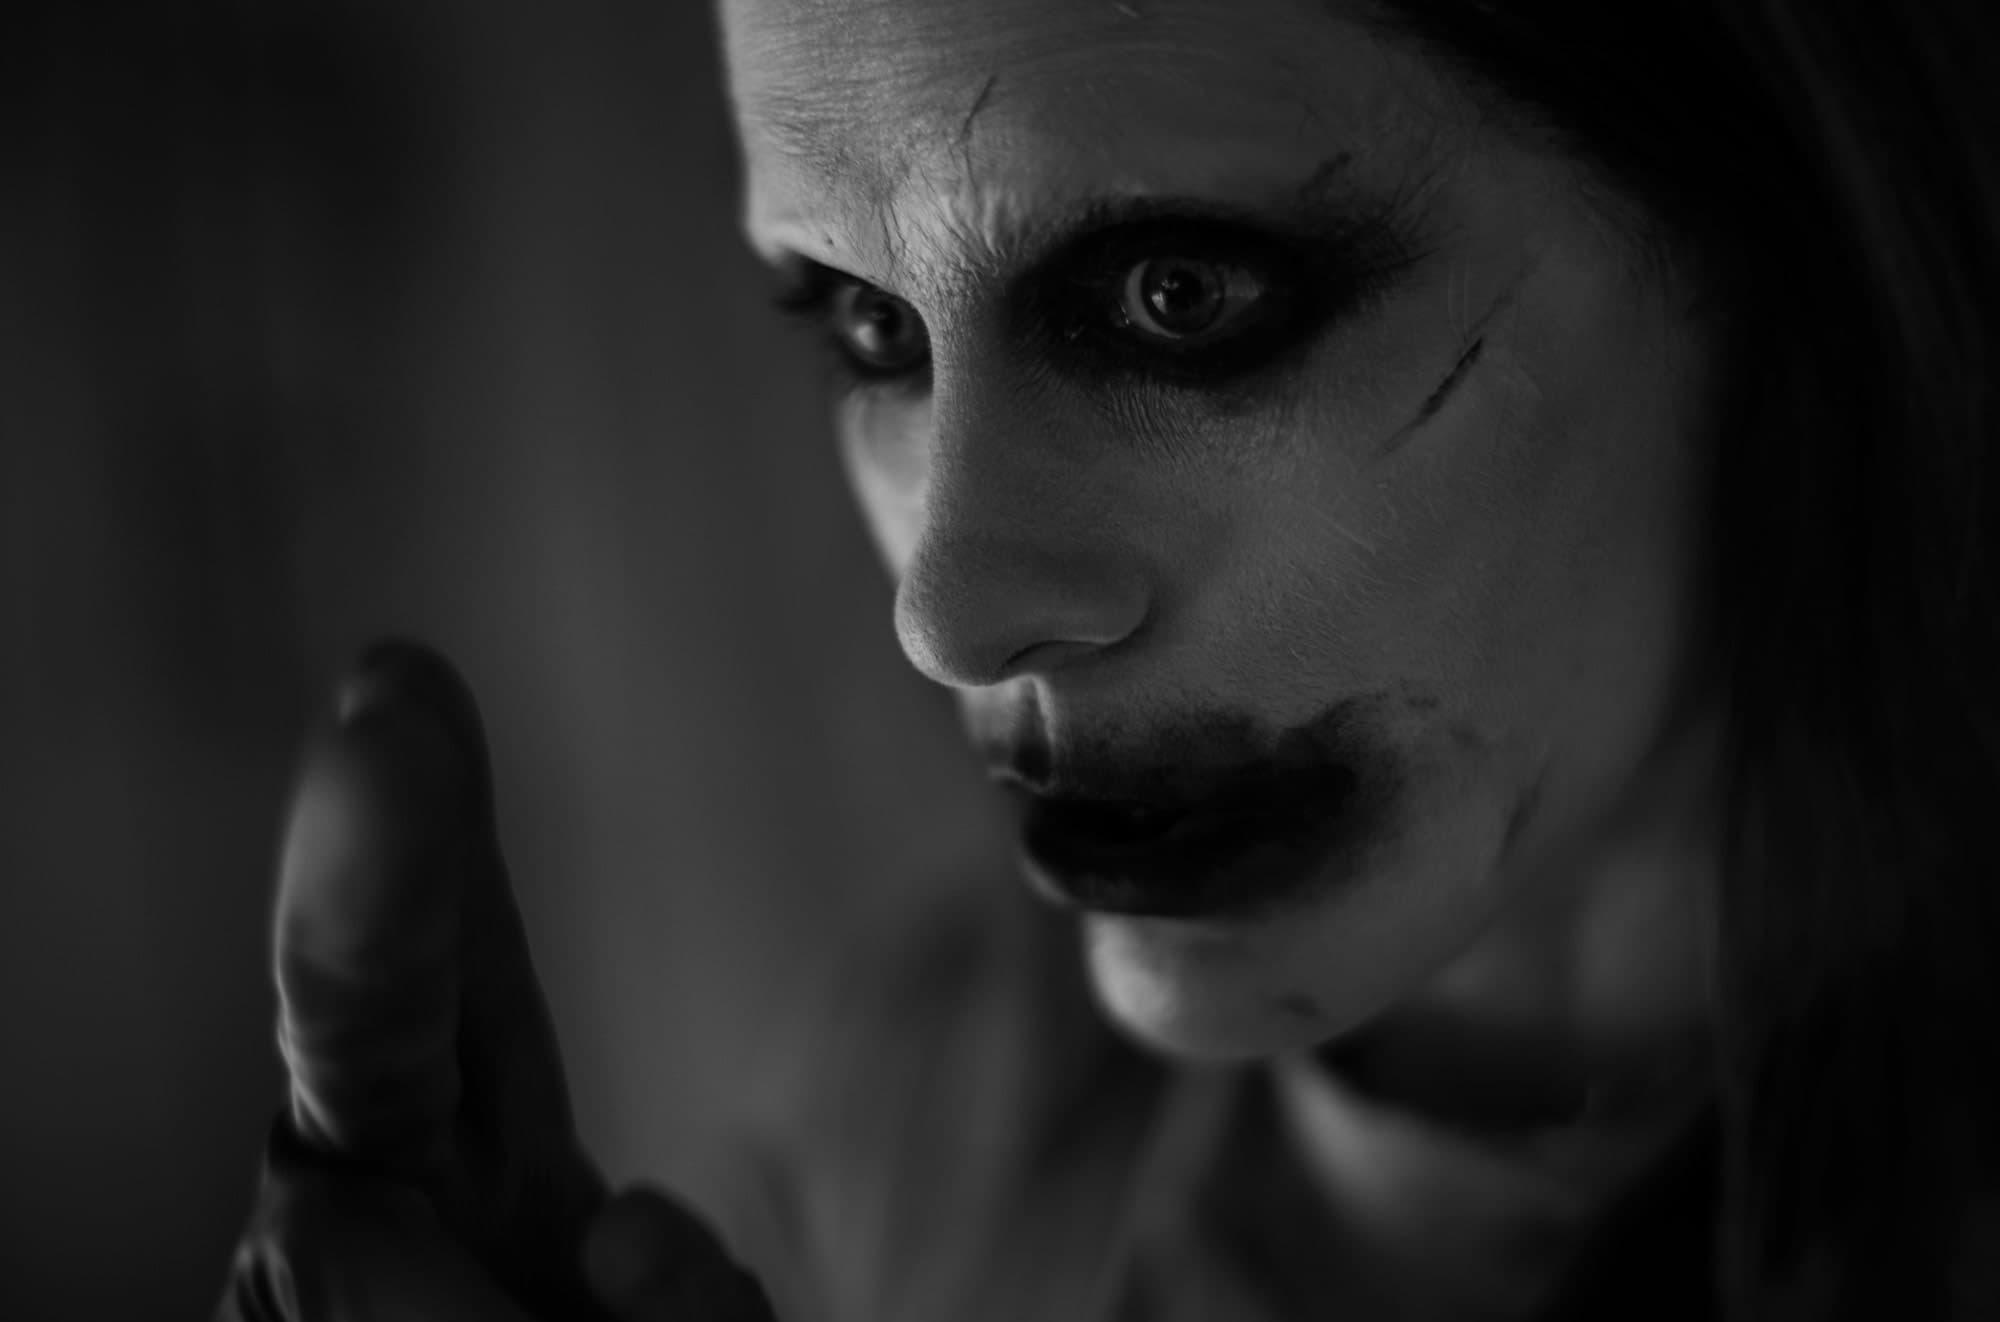 Jared Leto nei panni di Joker nel film Justice League